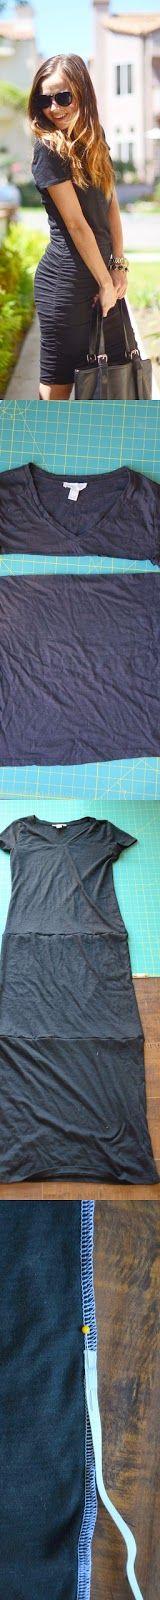 yo elijo coser: DIY: hacer un vestido fácil con 3 camisetas y un elástico